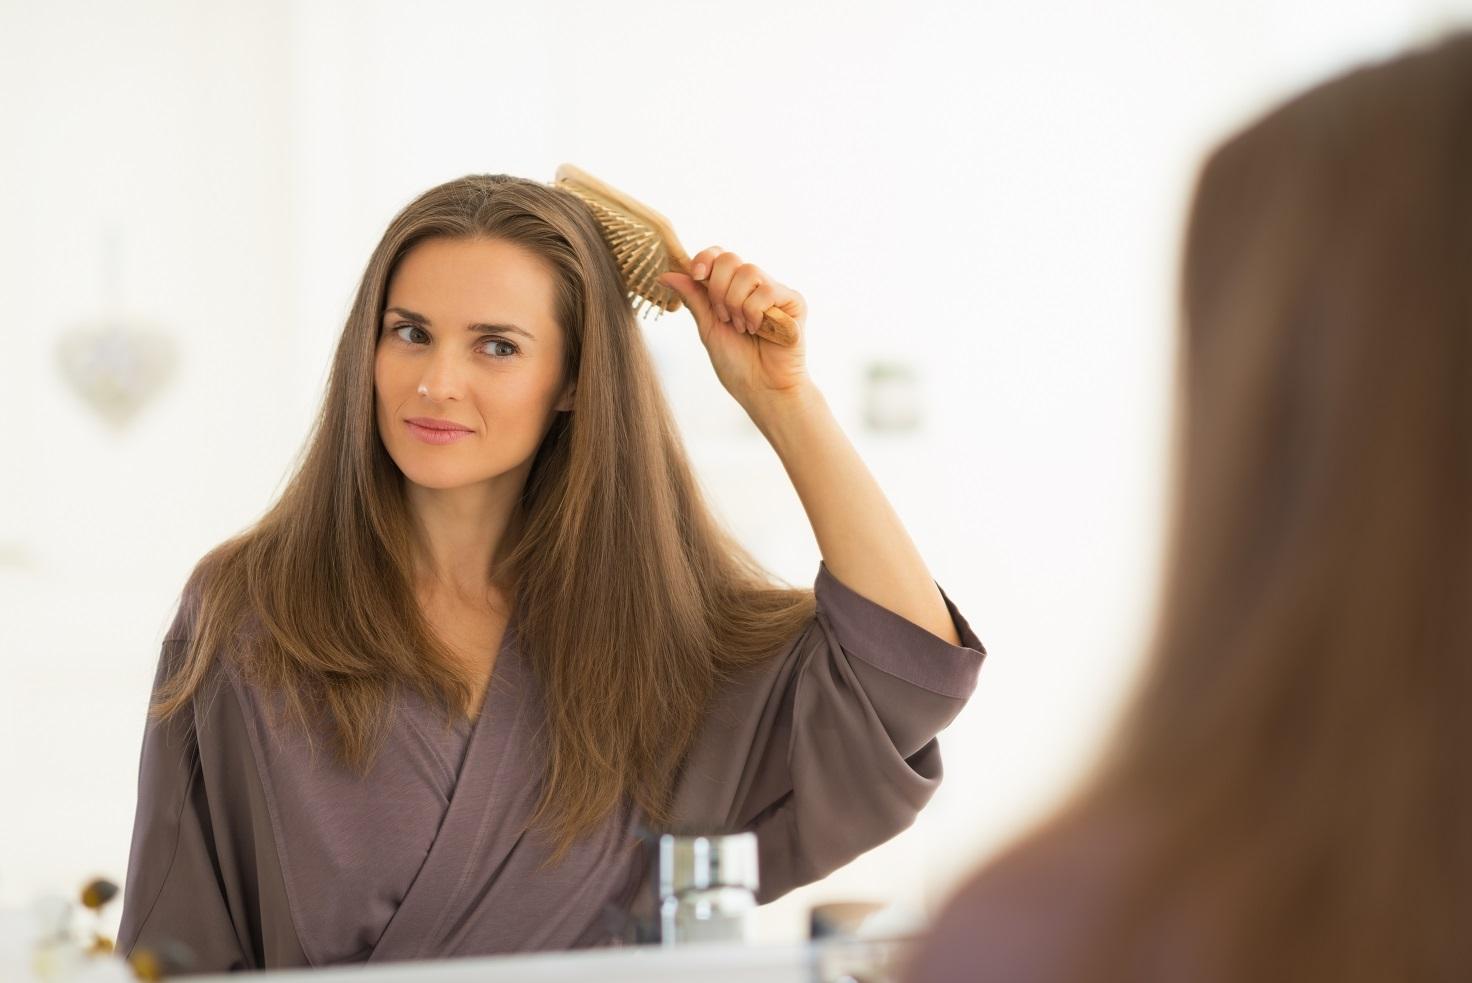 Массаж кожи головы для роста волос и улучшения кровообращения в салоне